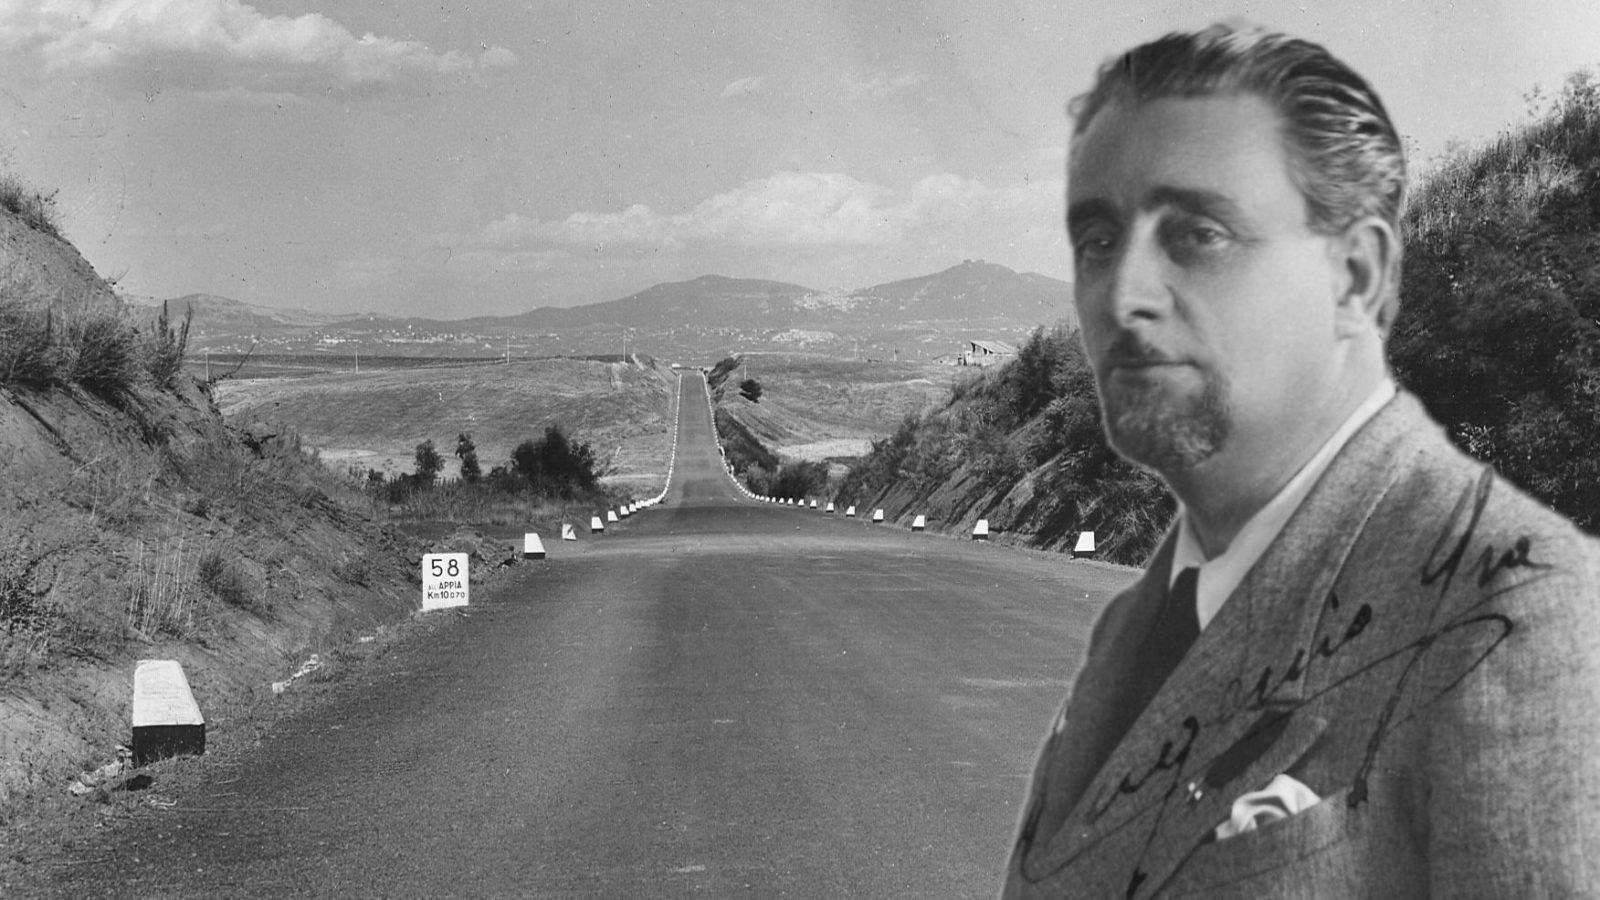 Foto di Eugenio Gra. Sullo sfondo, tratto del Grande Raccordo Anulare di Roma negli anni '50 (Archivio storico Anas)